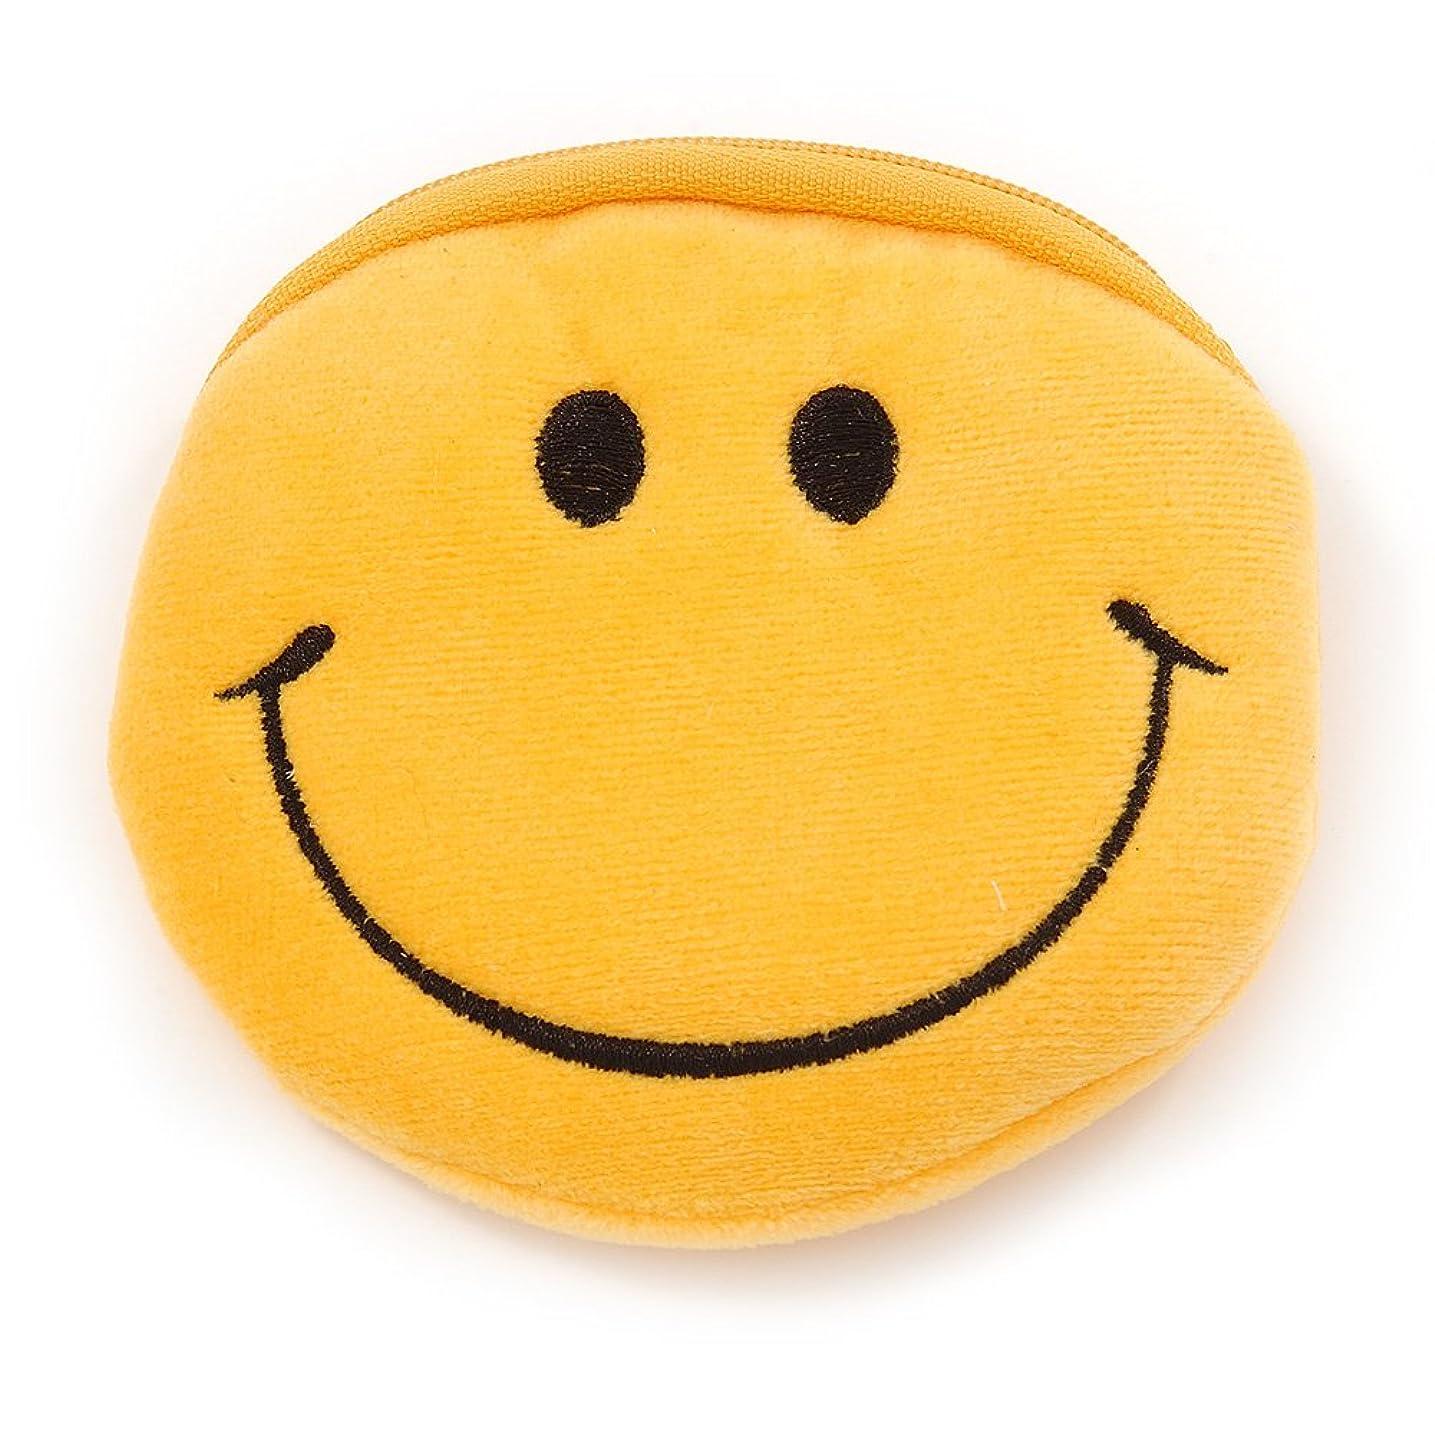 測定アブセイ遺体安置所Smiling Face明るいイエローファブリックCoin Purse /バッグチャームfor Kids?–?10.5?CM横幅